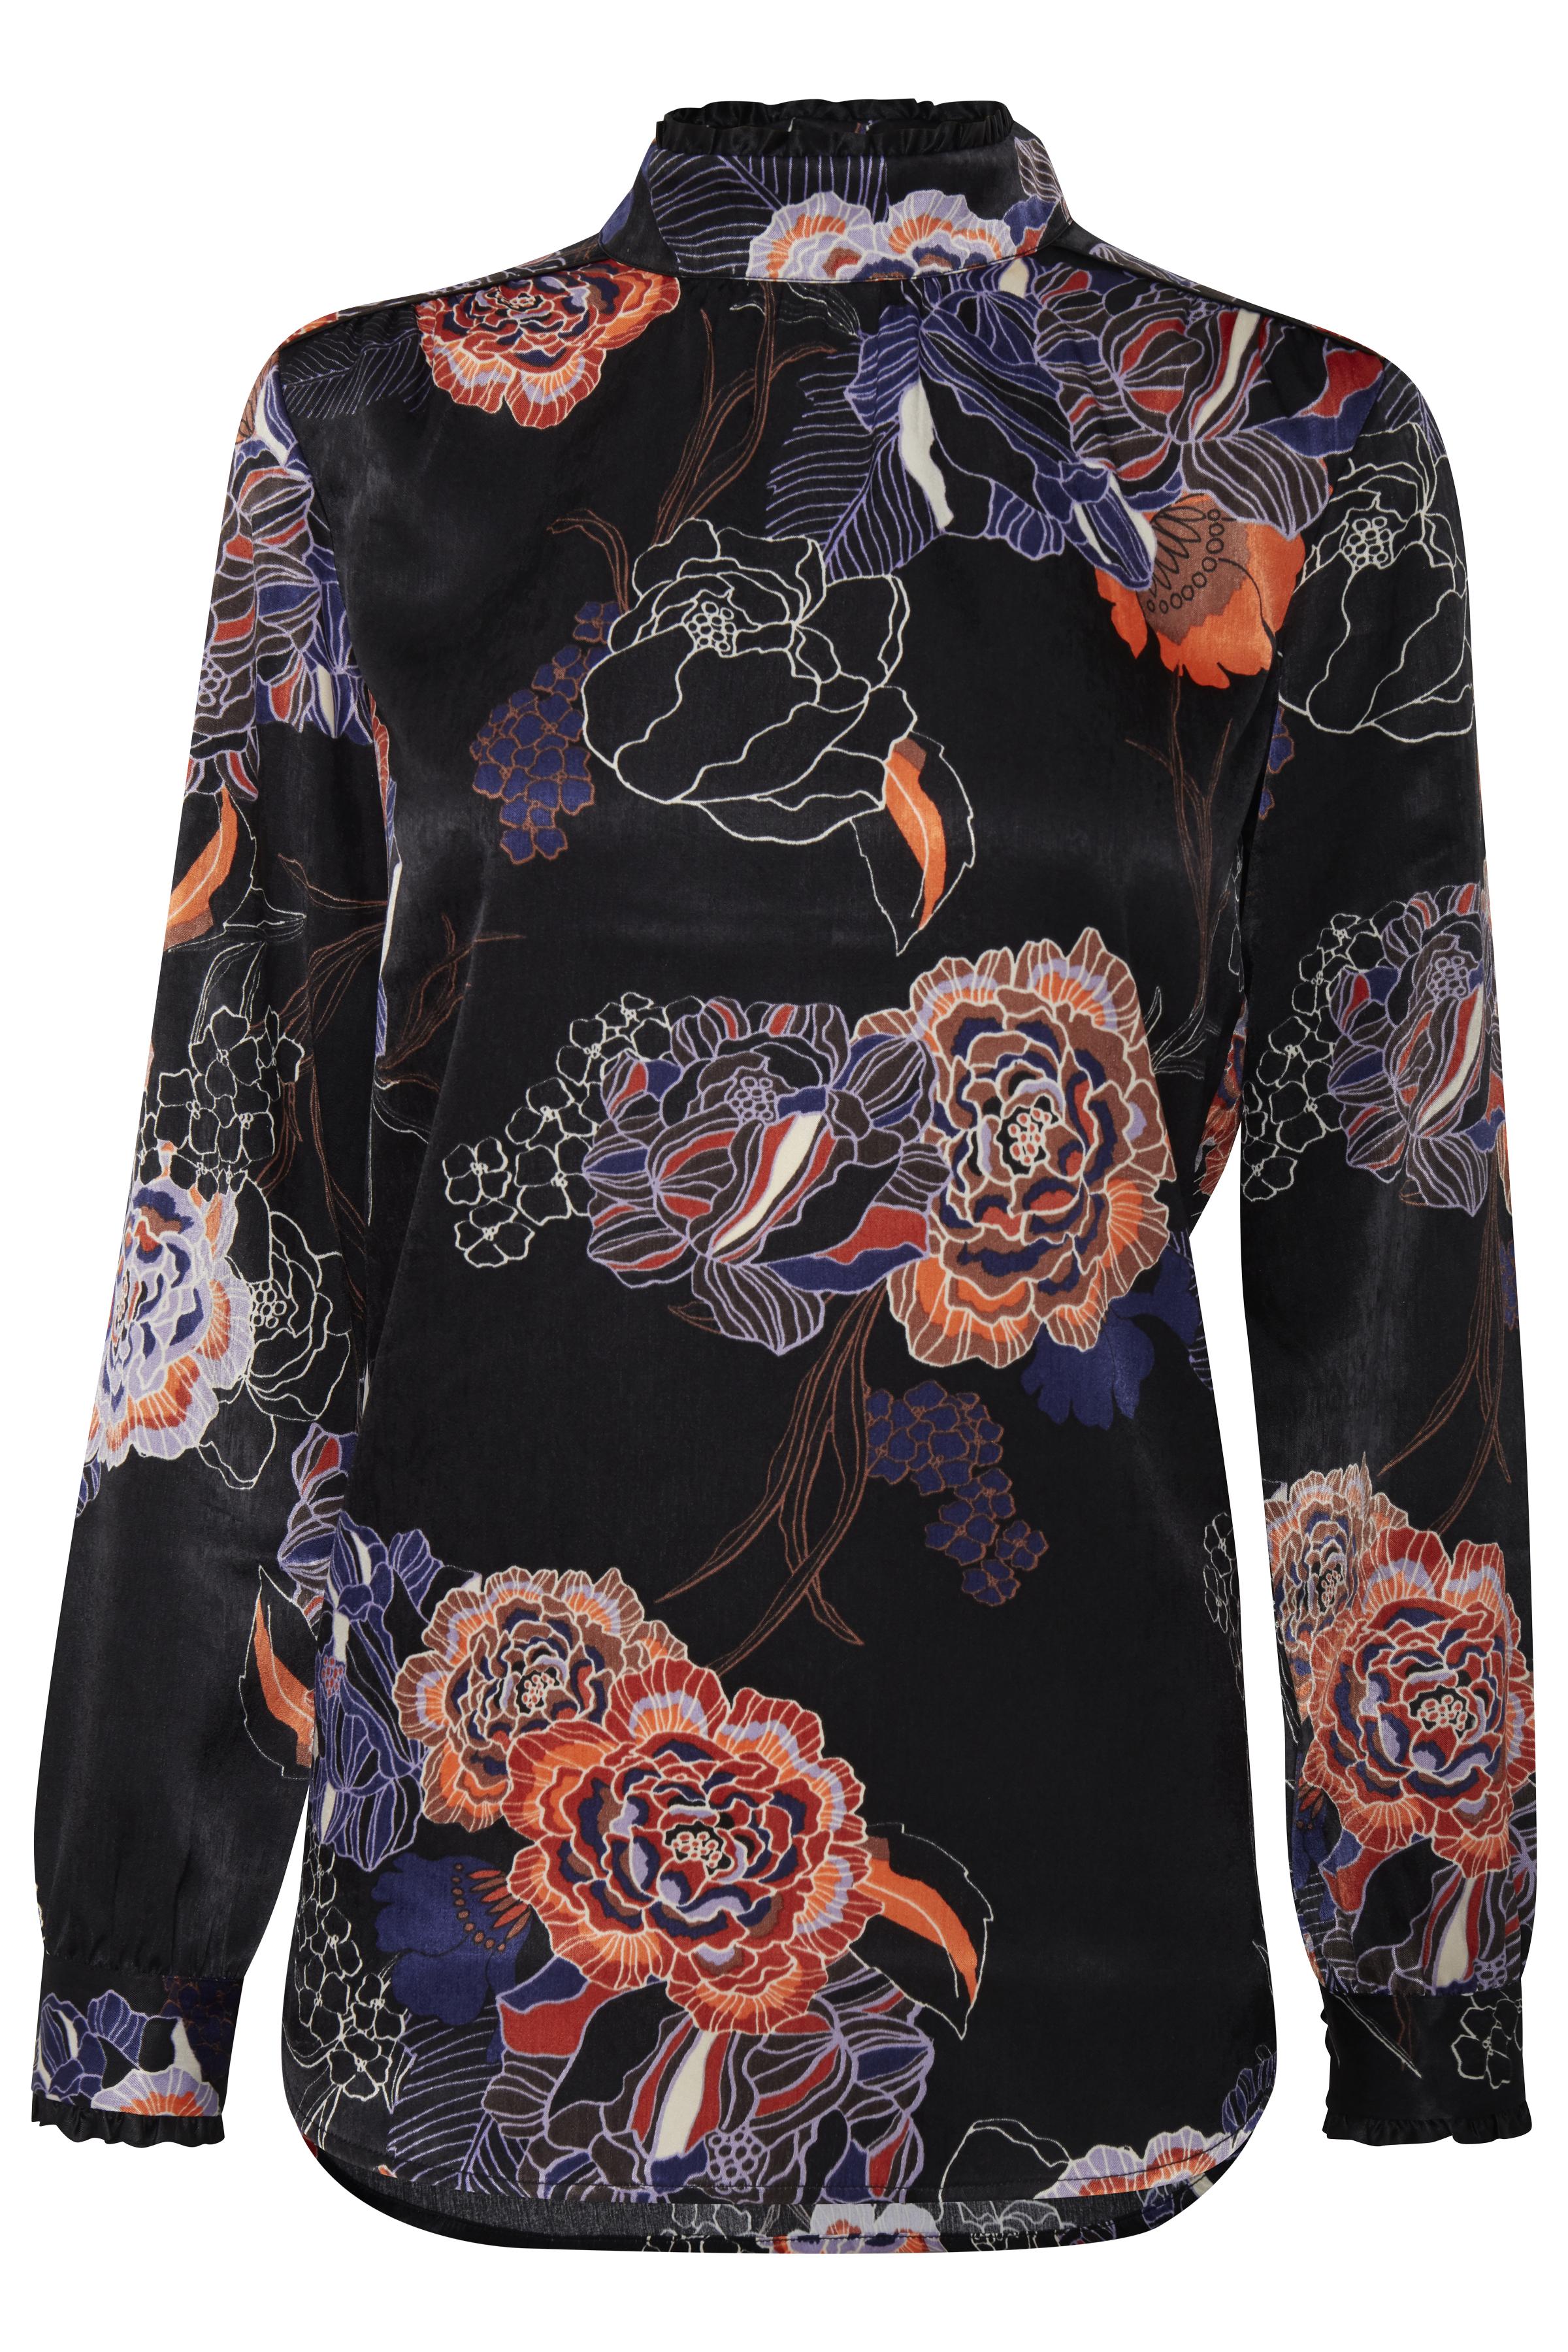 Sort/rød Langærmet bluse fra Pulz Jeans – Køb Sort/rød Langærmet bluse fra str. XS-XXL her